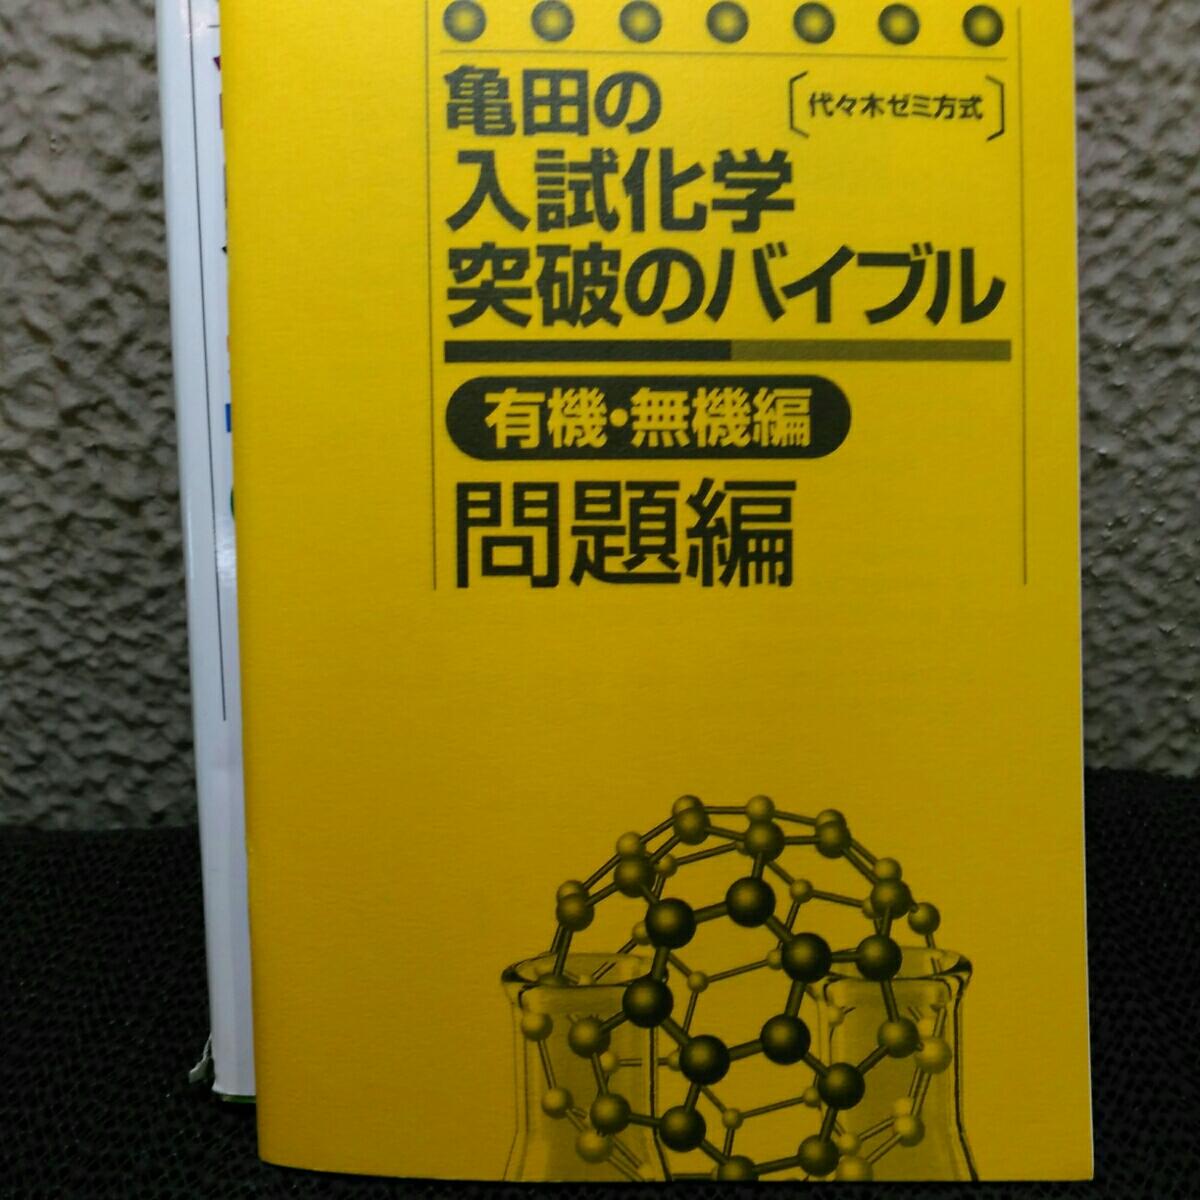 亀田の 入試化学突破のバイブル_画像2